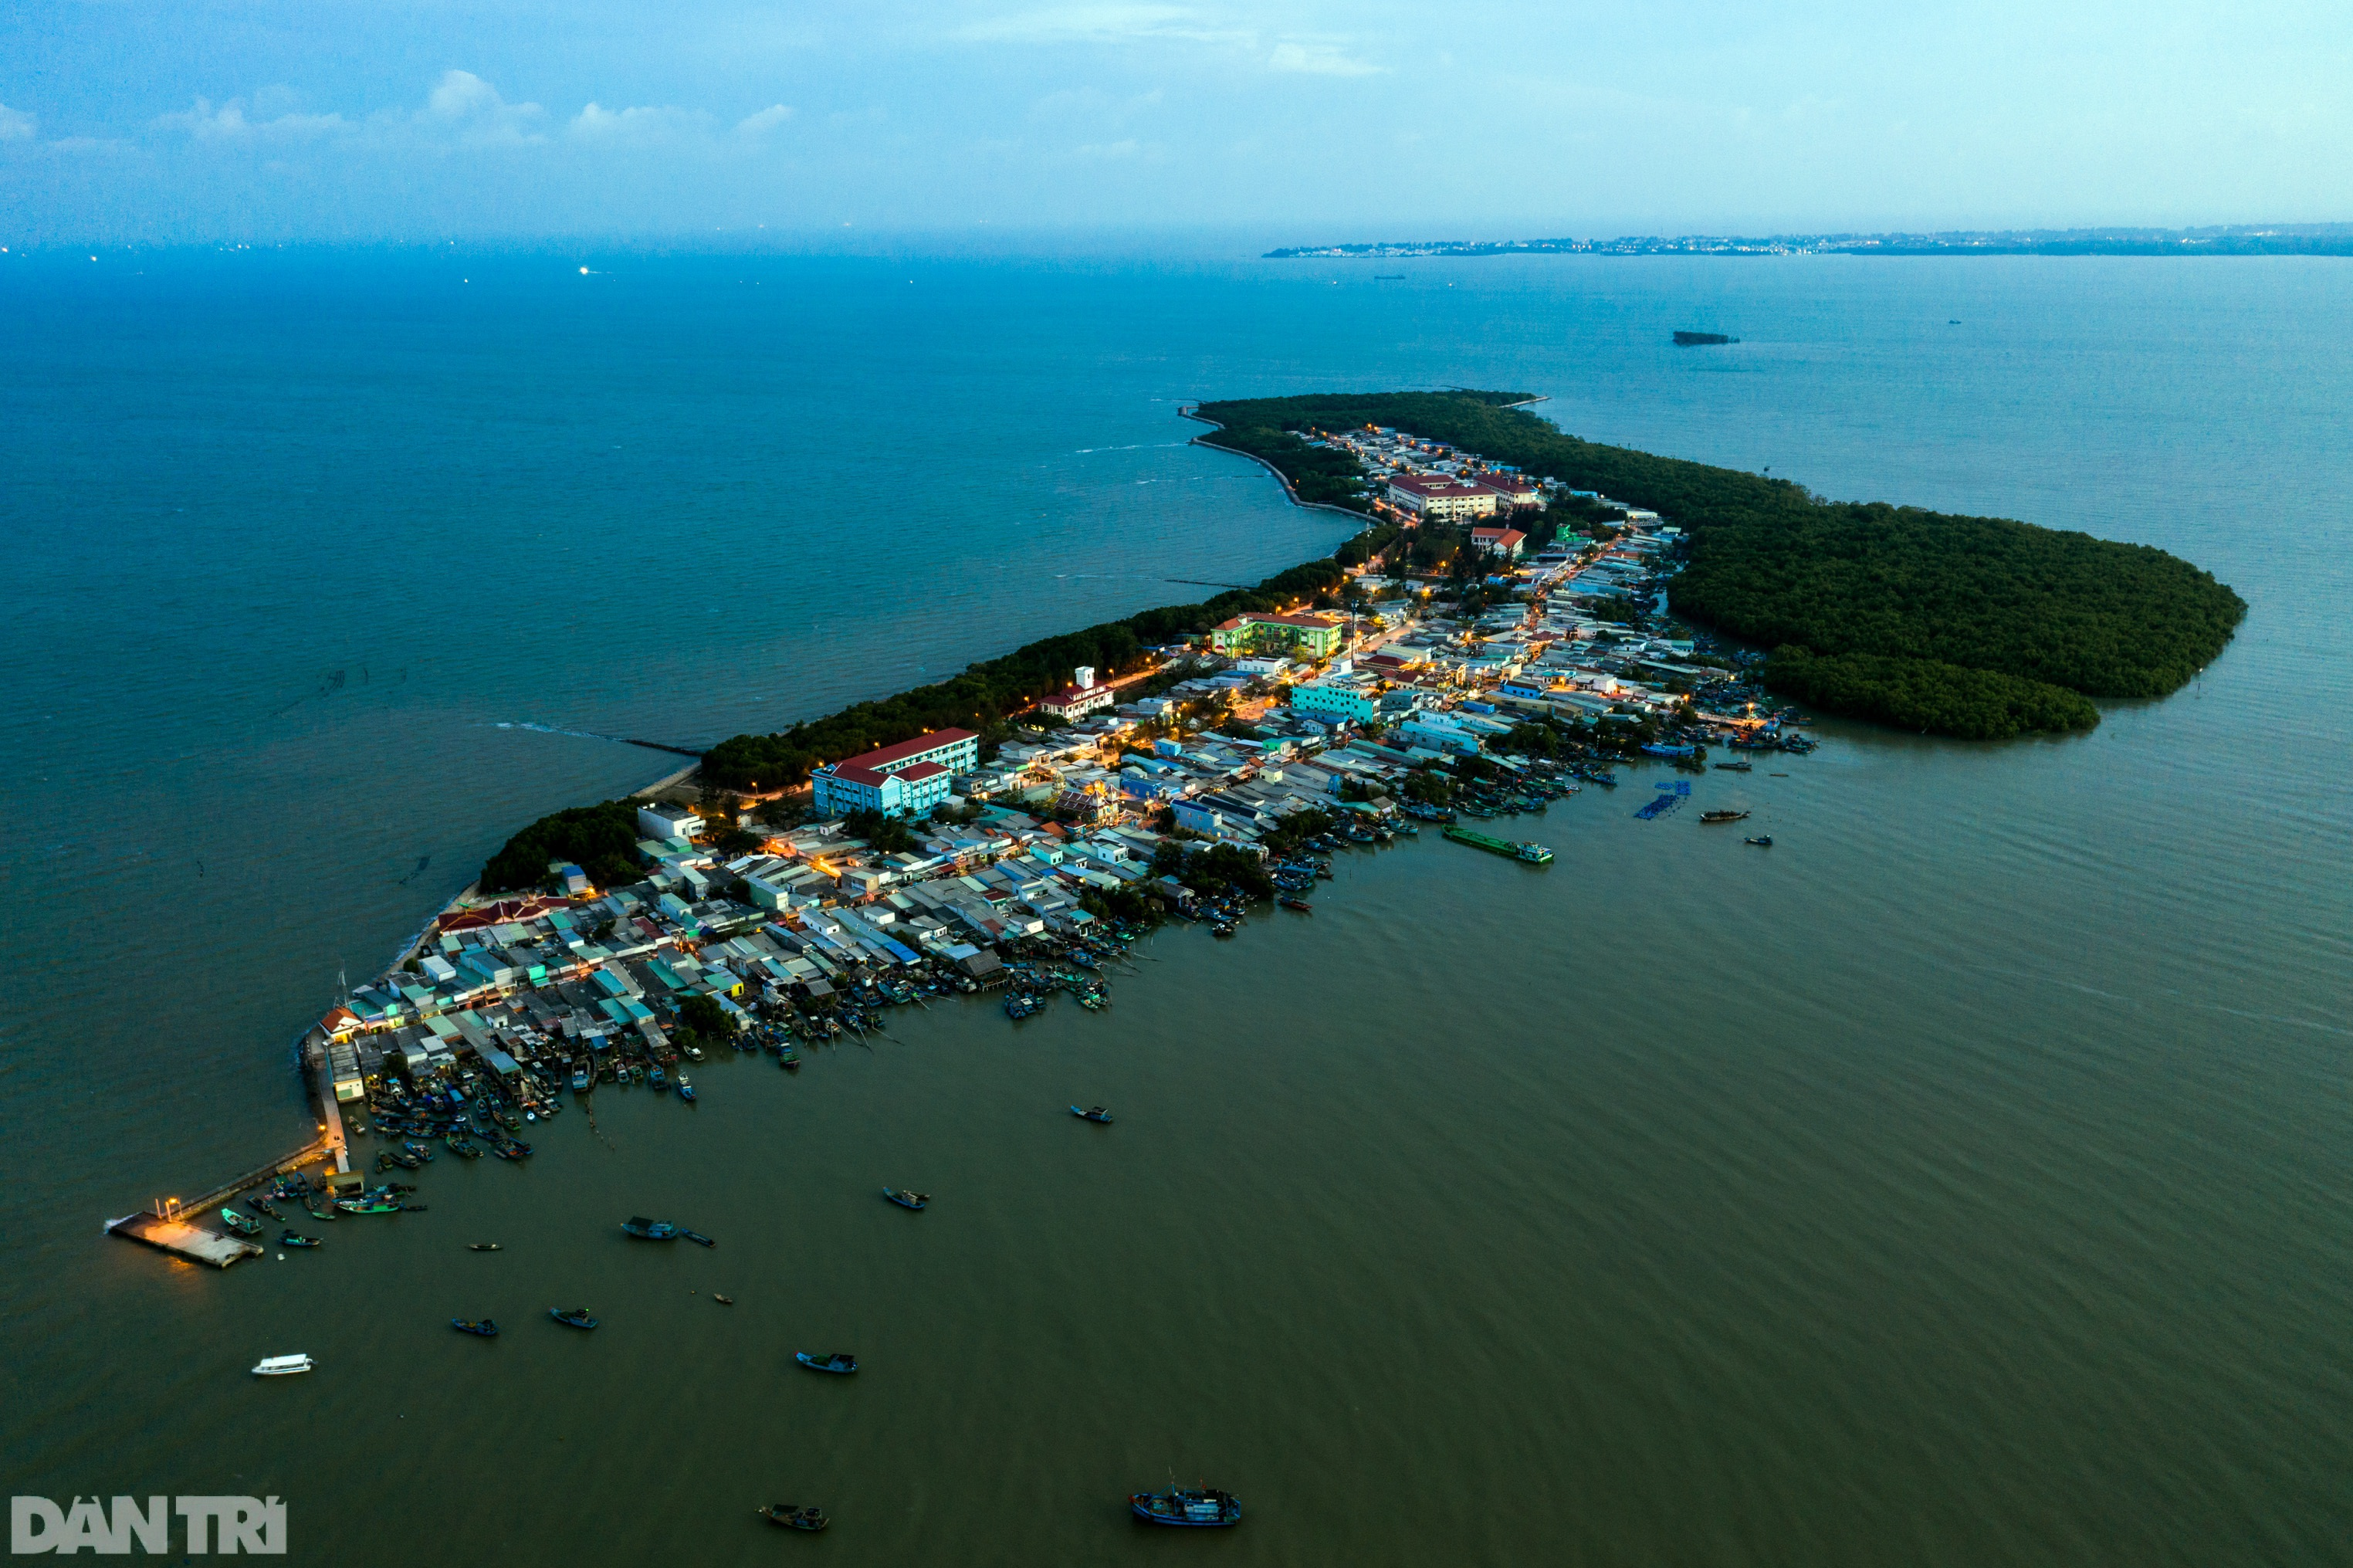 Trắng đêm bảo vệ vùng xanh trên biển tại xã đảo duy nhất ở TPHCM - 16